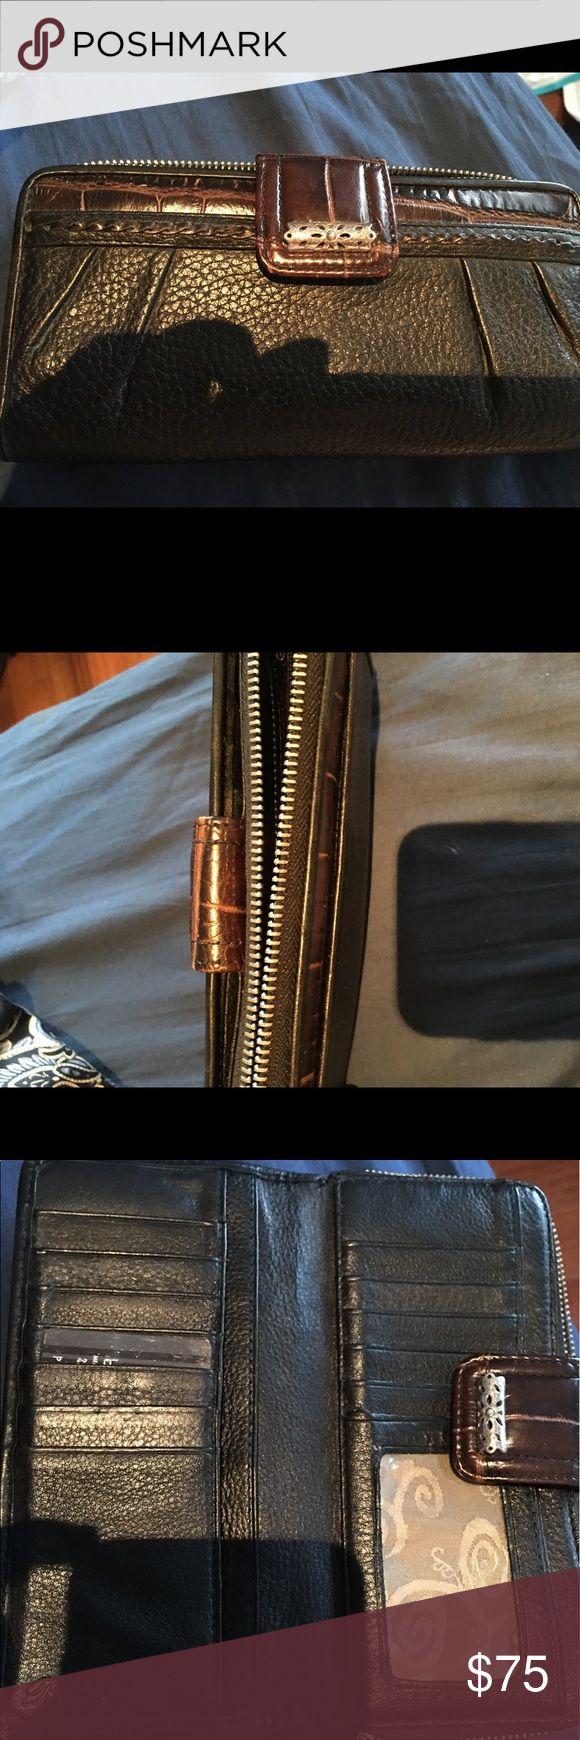 Large Brighton wallet EUC Brighton Bags Wallets